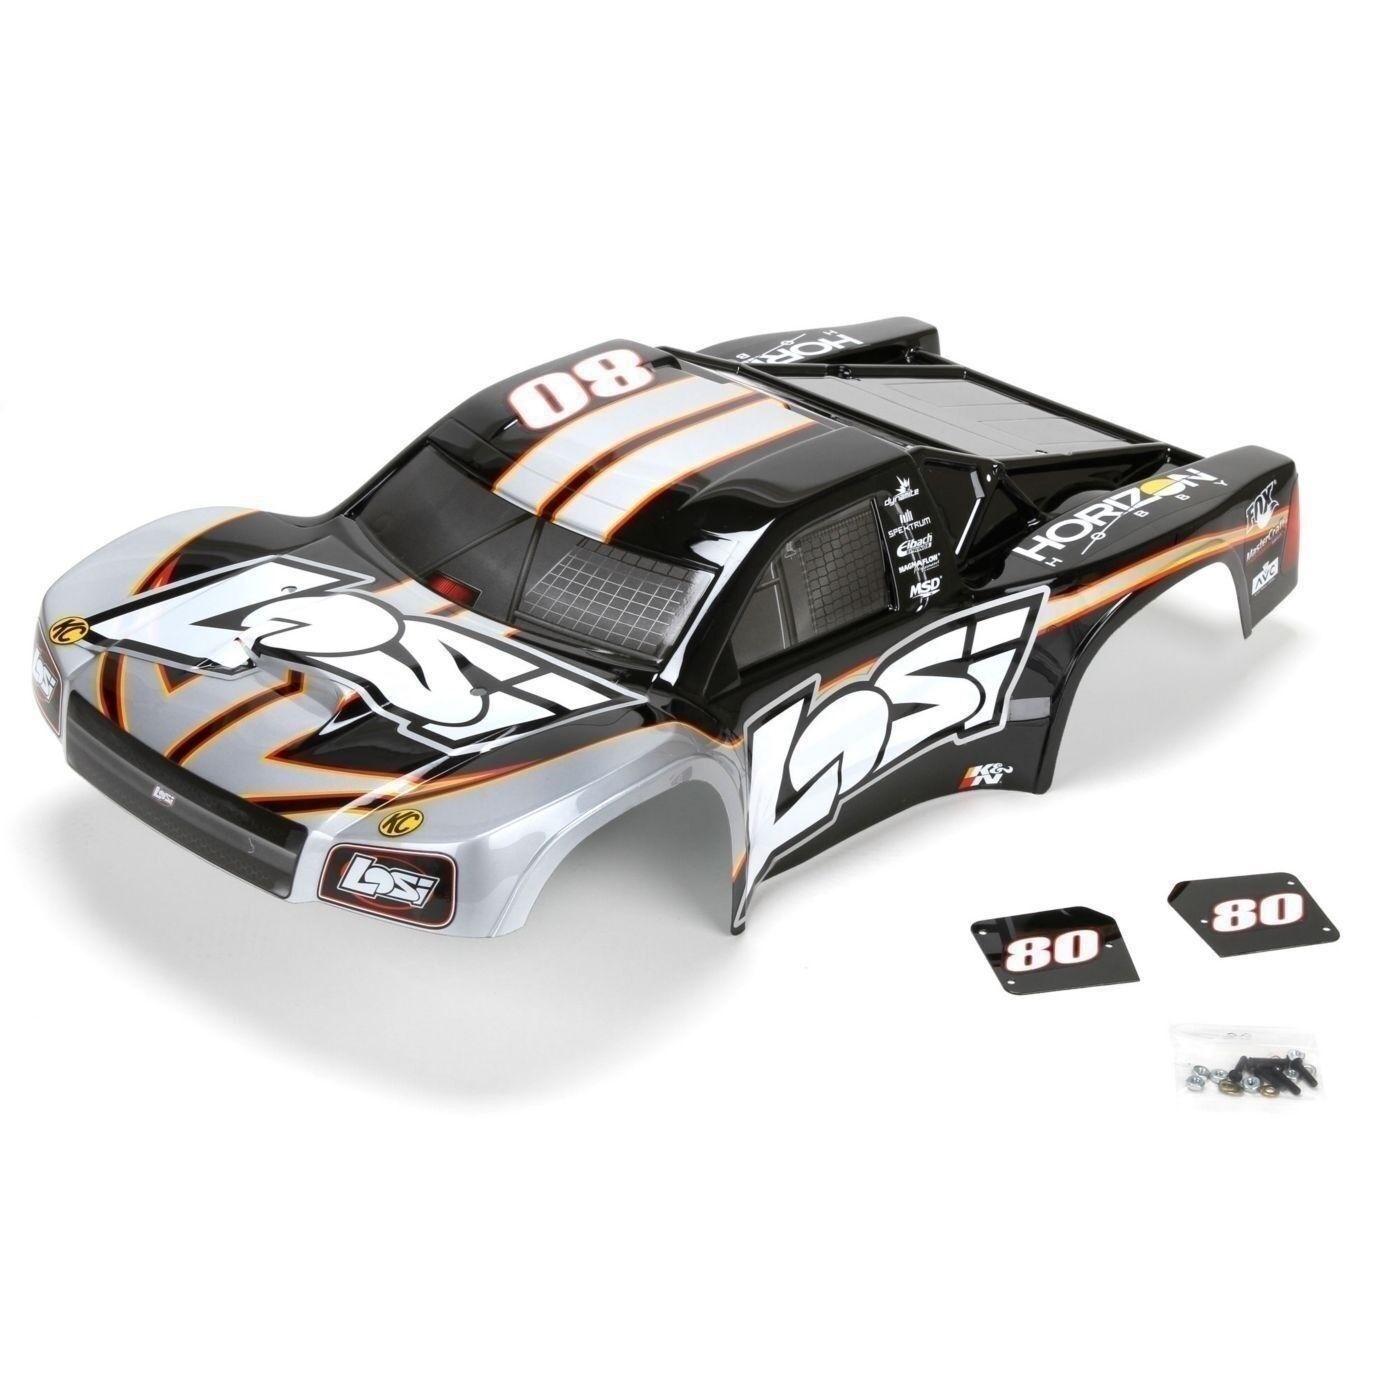 Losi Racing corpo Set SCT Short Course Losi Scheme XXX  SCT LOS230004  migliore marca